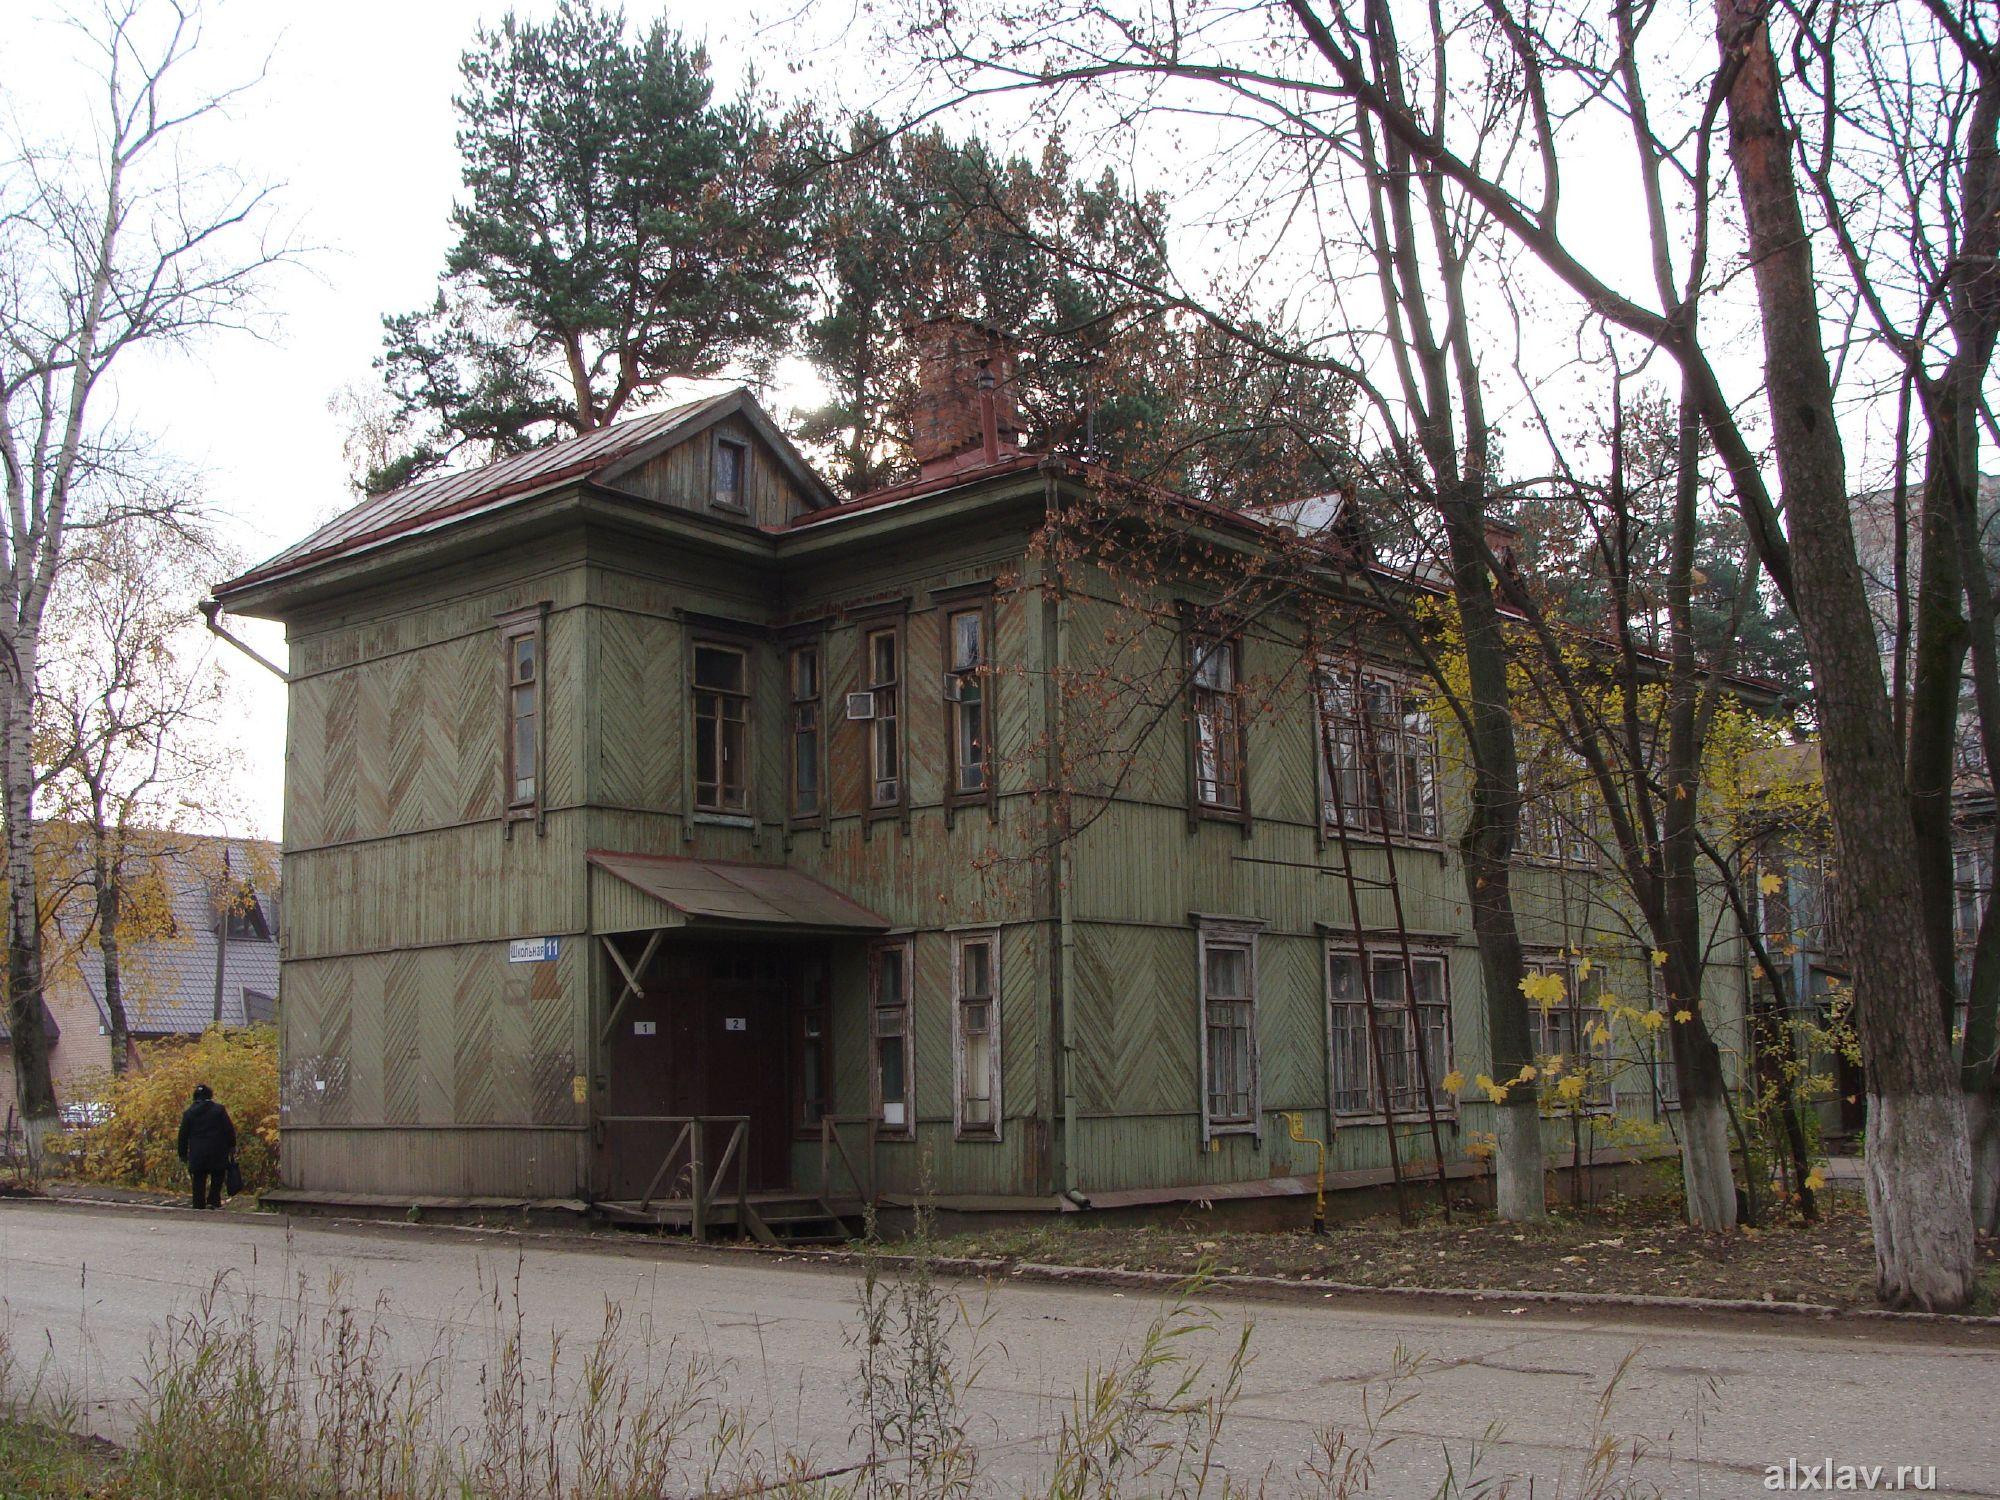 klimovsk_0080.jpg